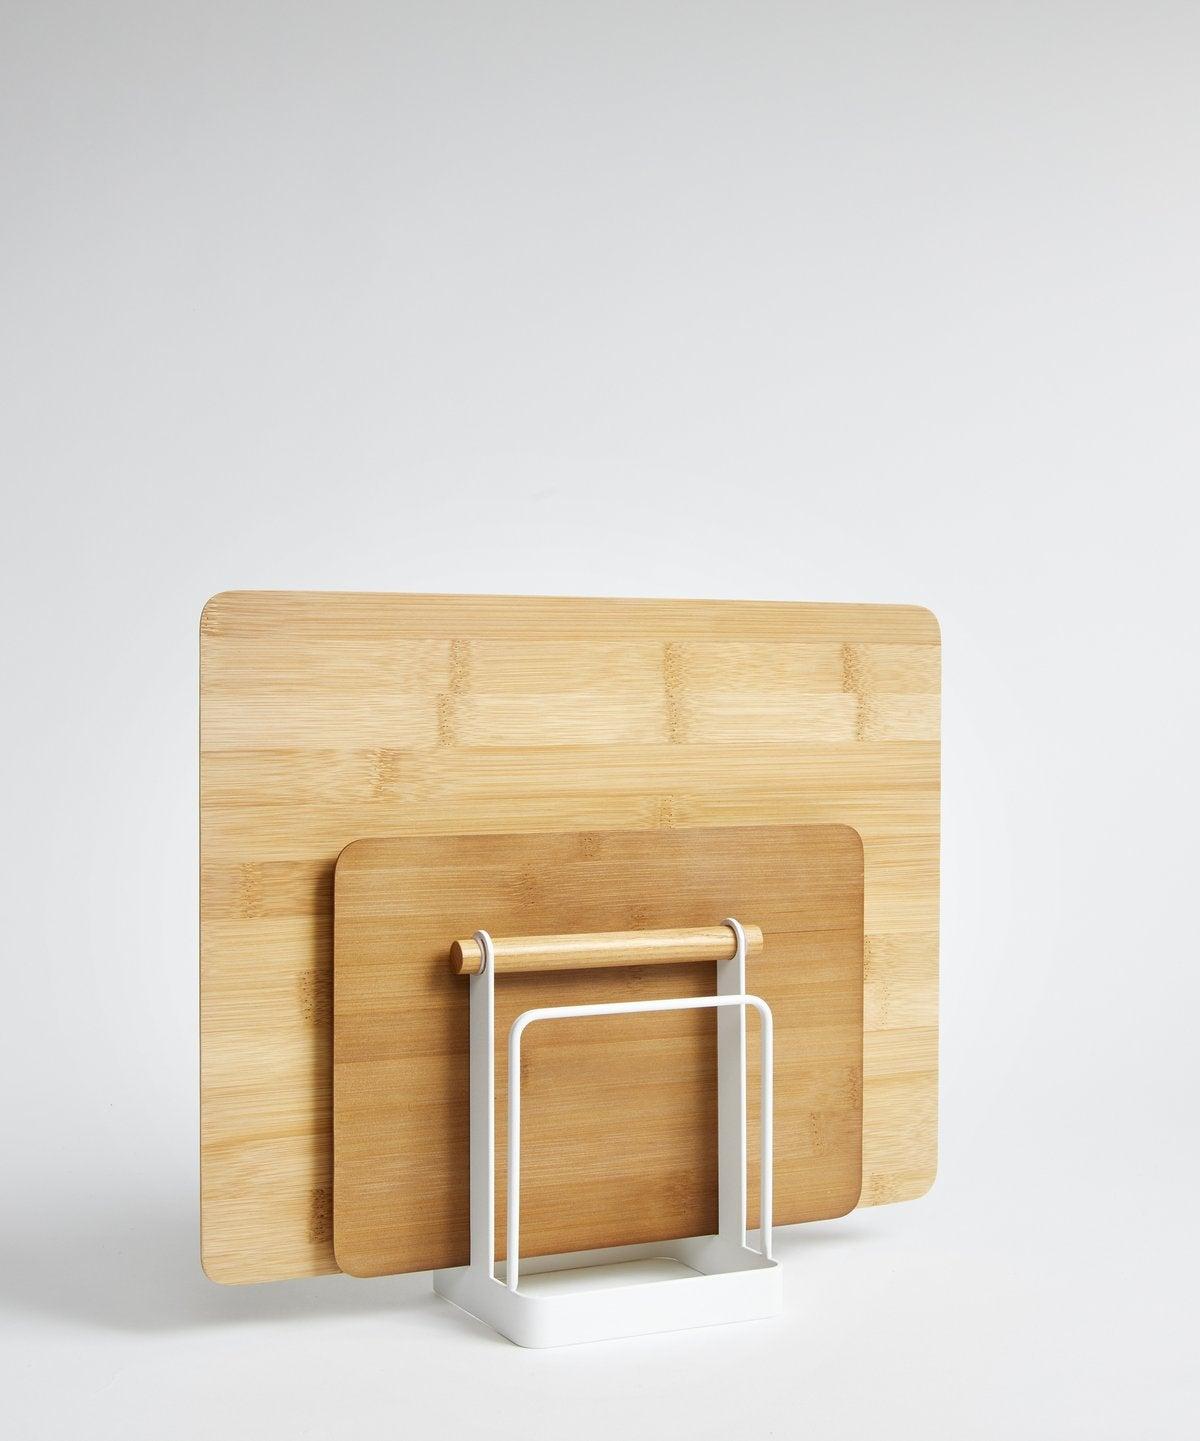 KonMari_Yamazaki_Cutting_Board_Stand_0232_1200x